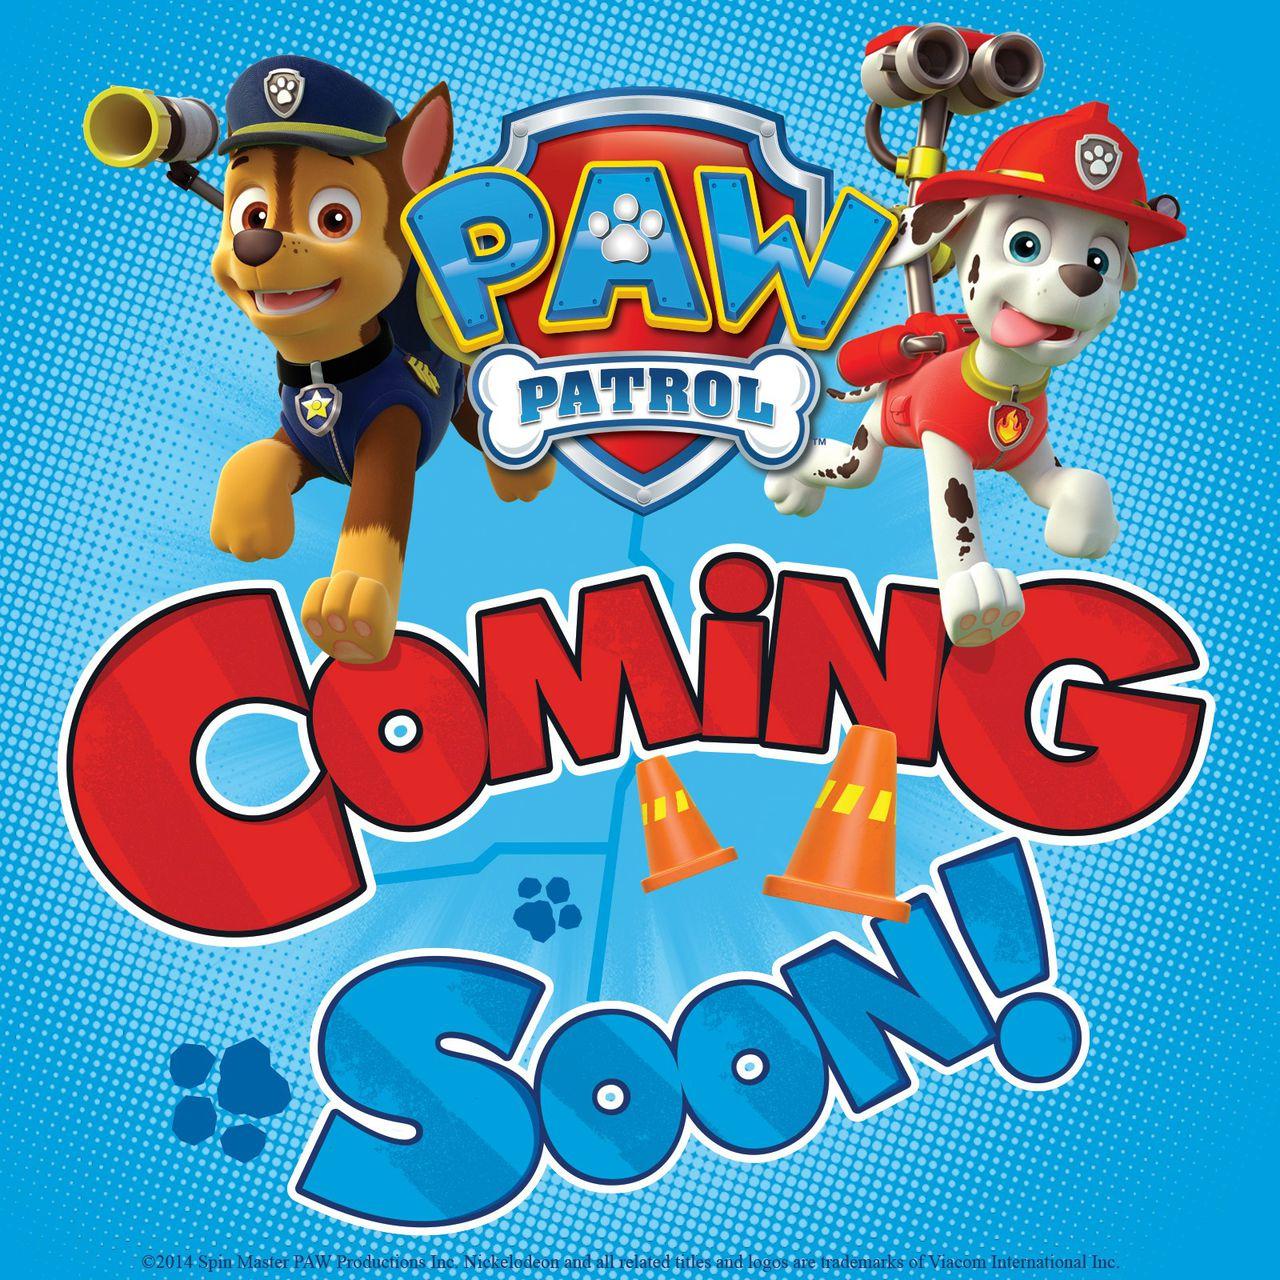 Sweetie Paw Patrol Wiki Fandom Powered By Wikia